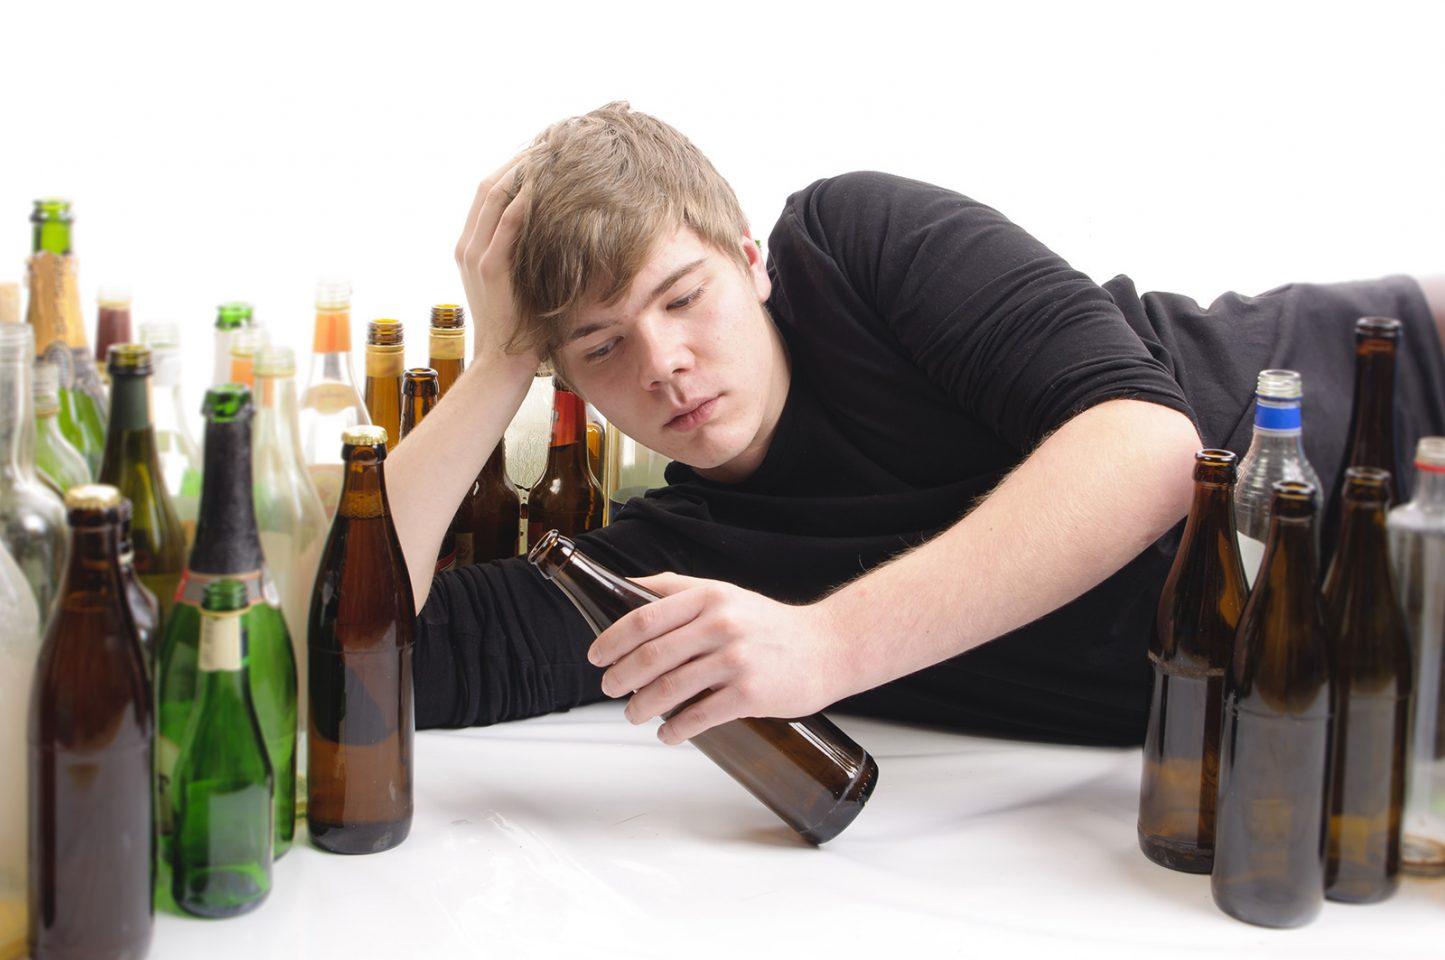 Αλκοόλ και έφηβοι: Ένας «δαίμονας» που απειλεί να τους καταστρέψει